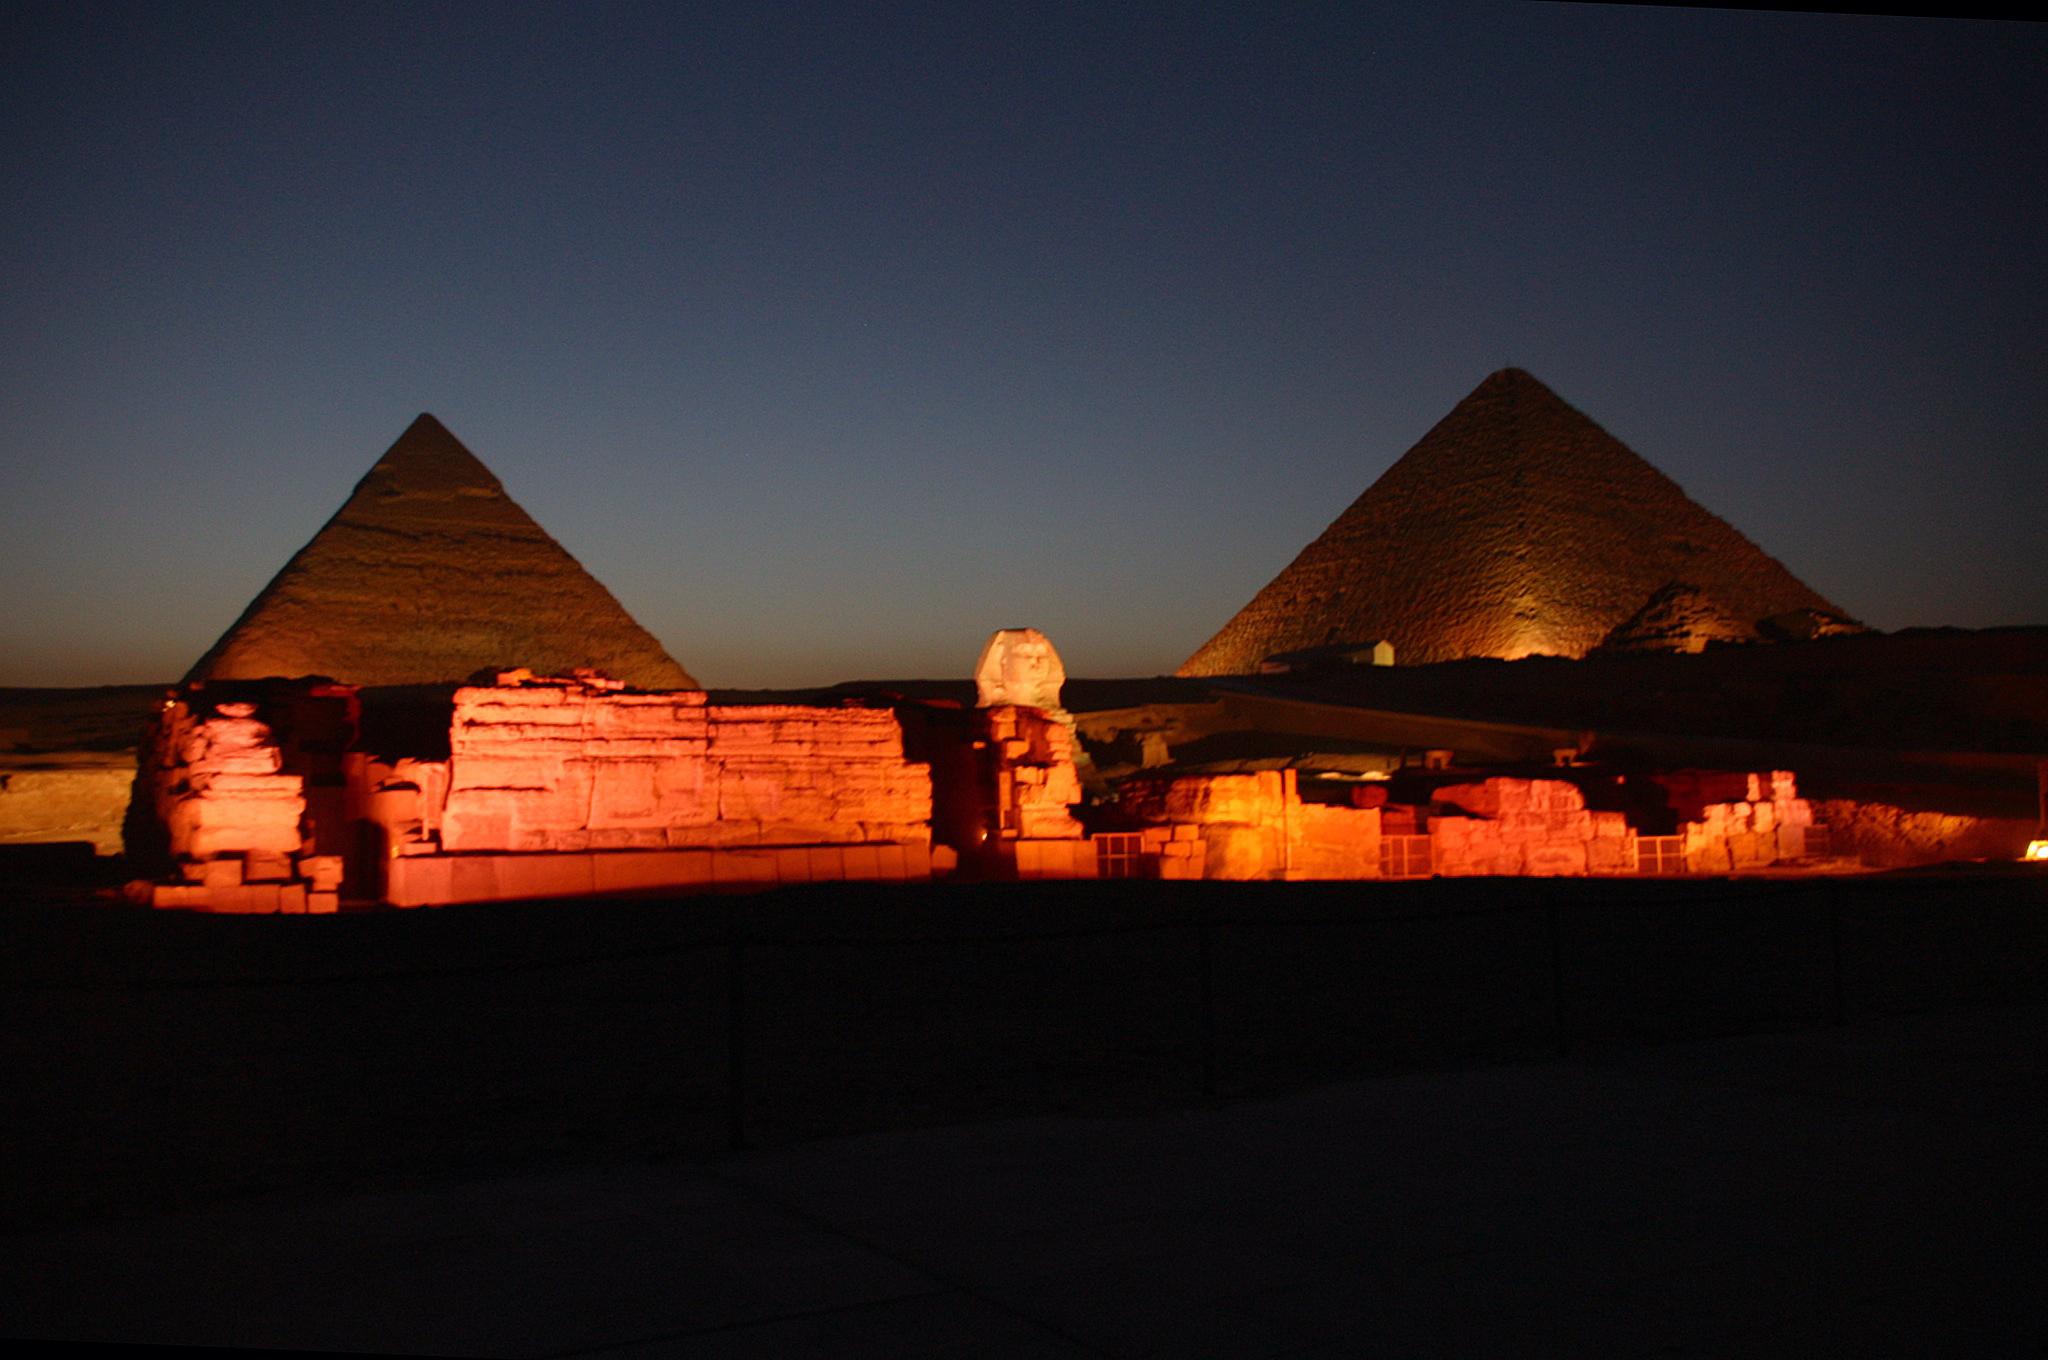 pyramidsofgiza-at-night